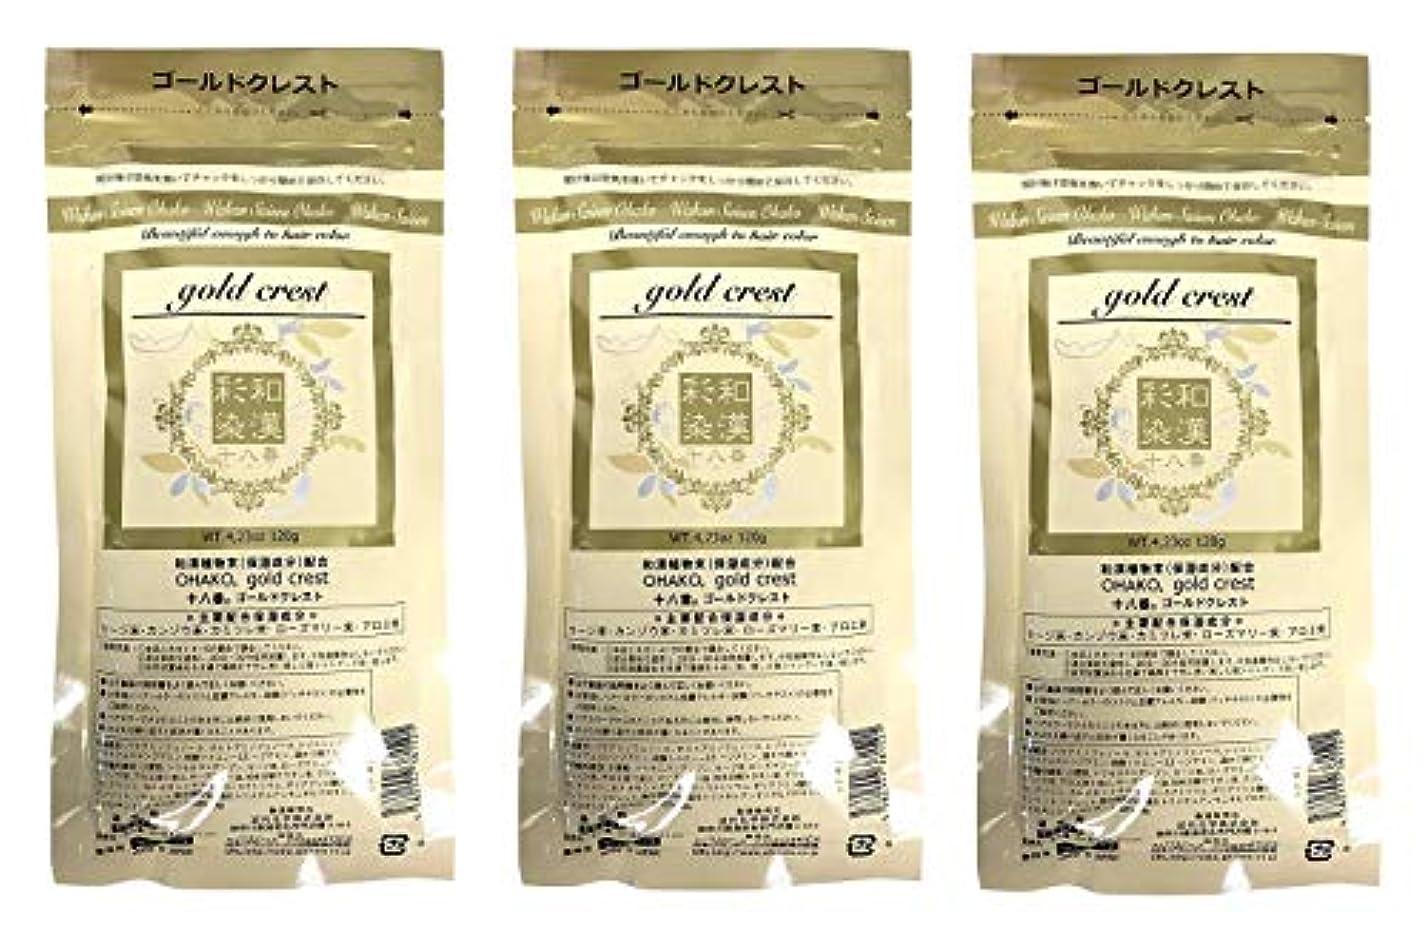 クリーム平方六月【3個セット】グランデックス 和漢彩染 十八番 120g ゴールドクレスト